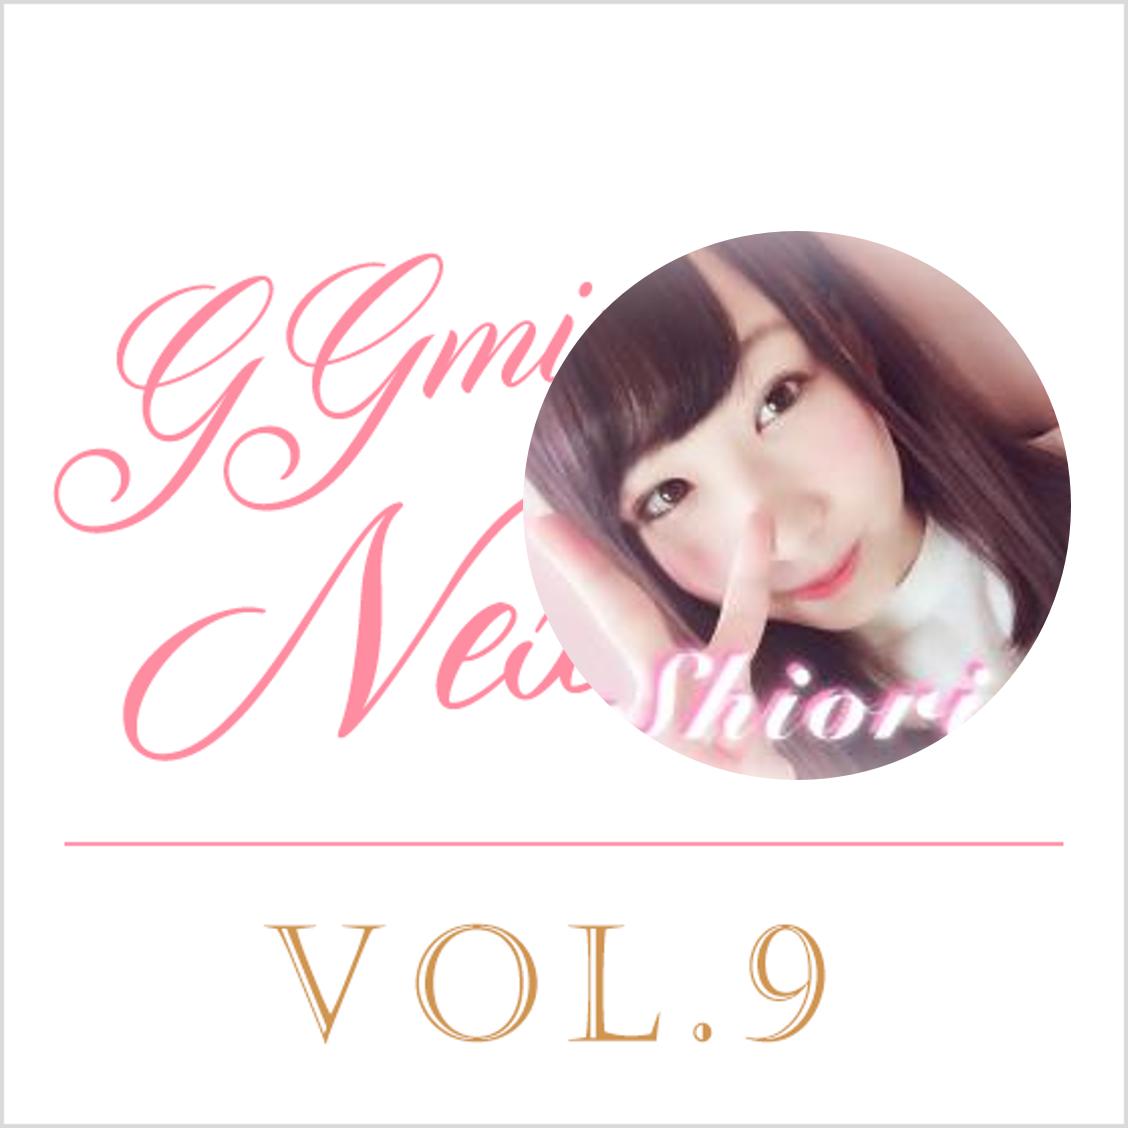 ミステリー愛好家。Shioriちゃん!!!【ggmin Nextdoor vol.9】